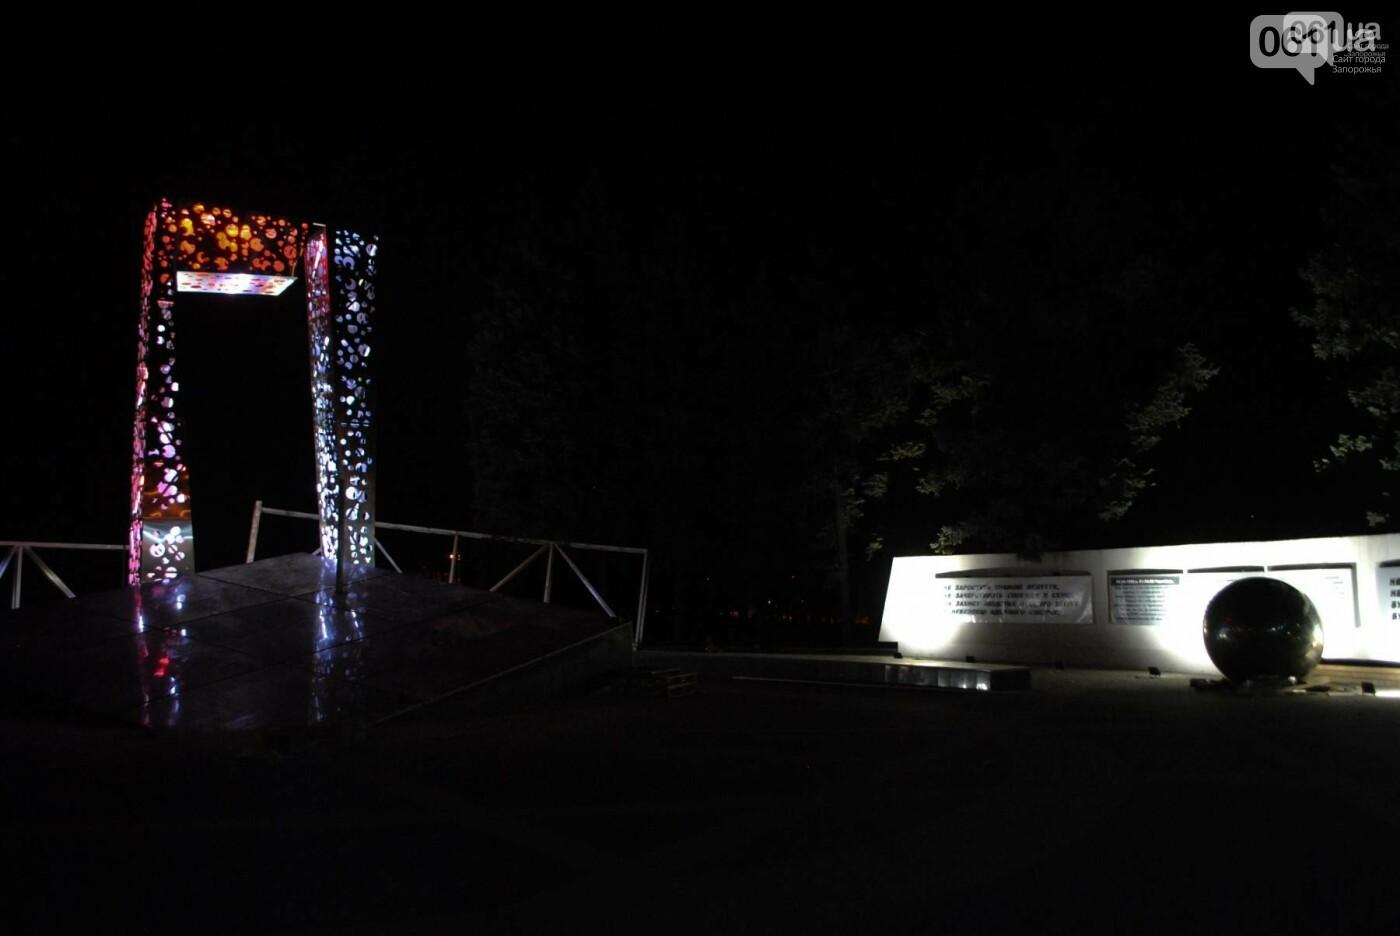 На запорожский памятник чернобыльцам дали еще 3 млн гривен - на уже выполненные работы, фото-1